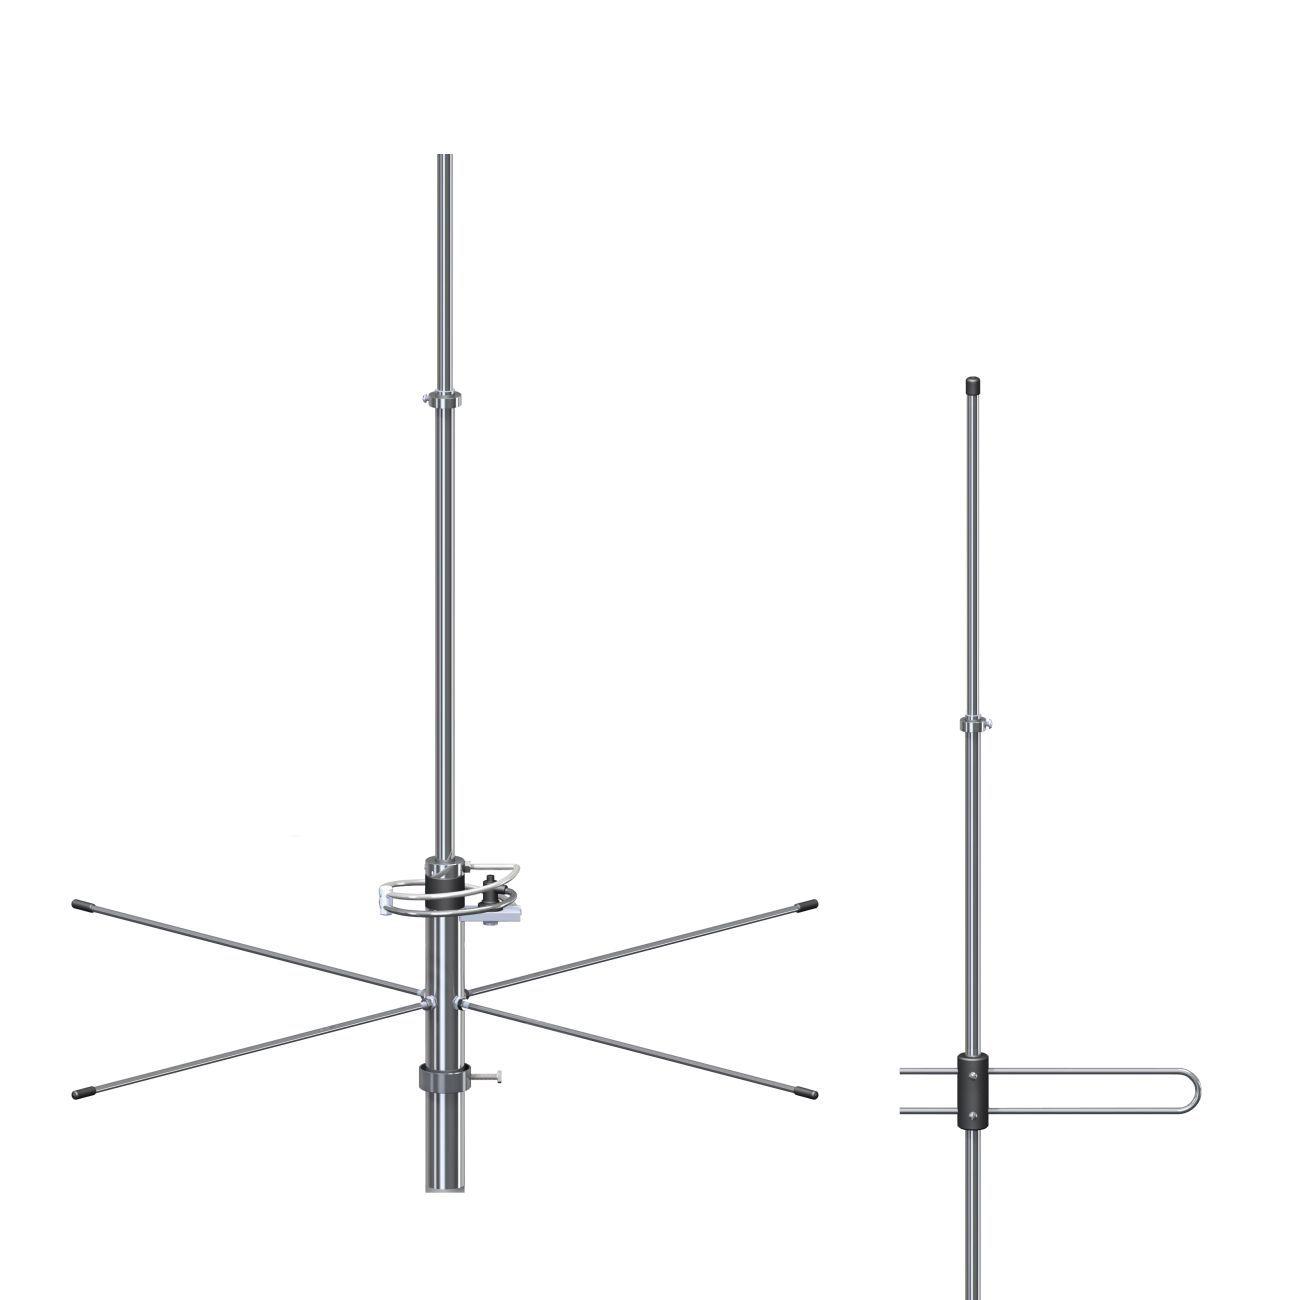 Antena Base VHF 2x5/8 De Onda Para Aviação Steelbras - Ap6249